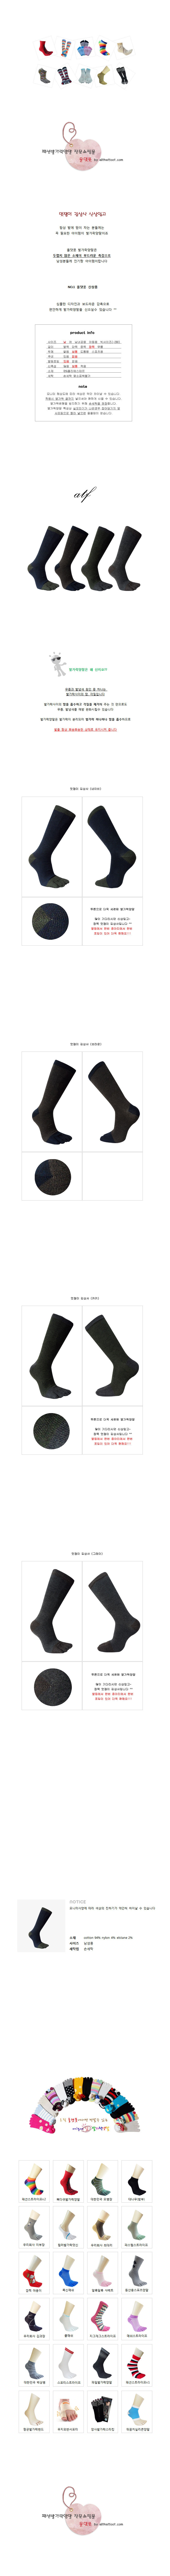 멋쟁이김상사 - 올댓풋, 3,600원, 남성양말, 패션양말